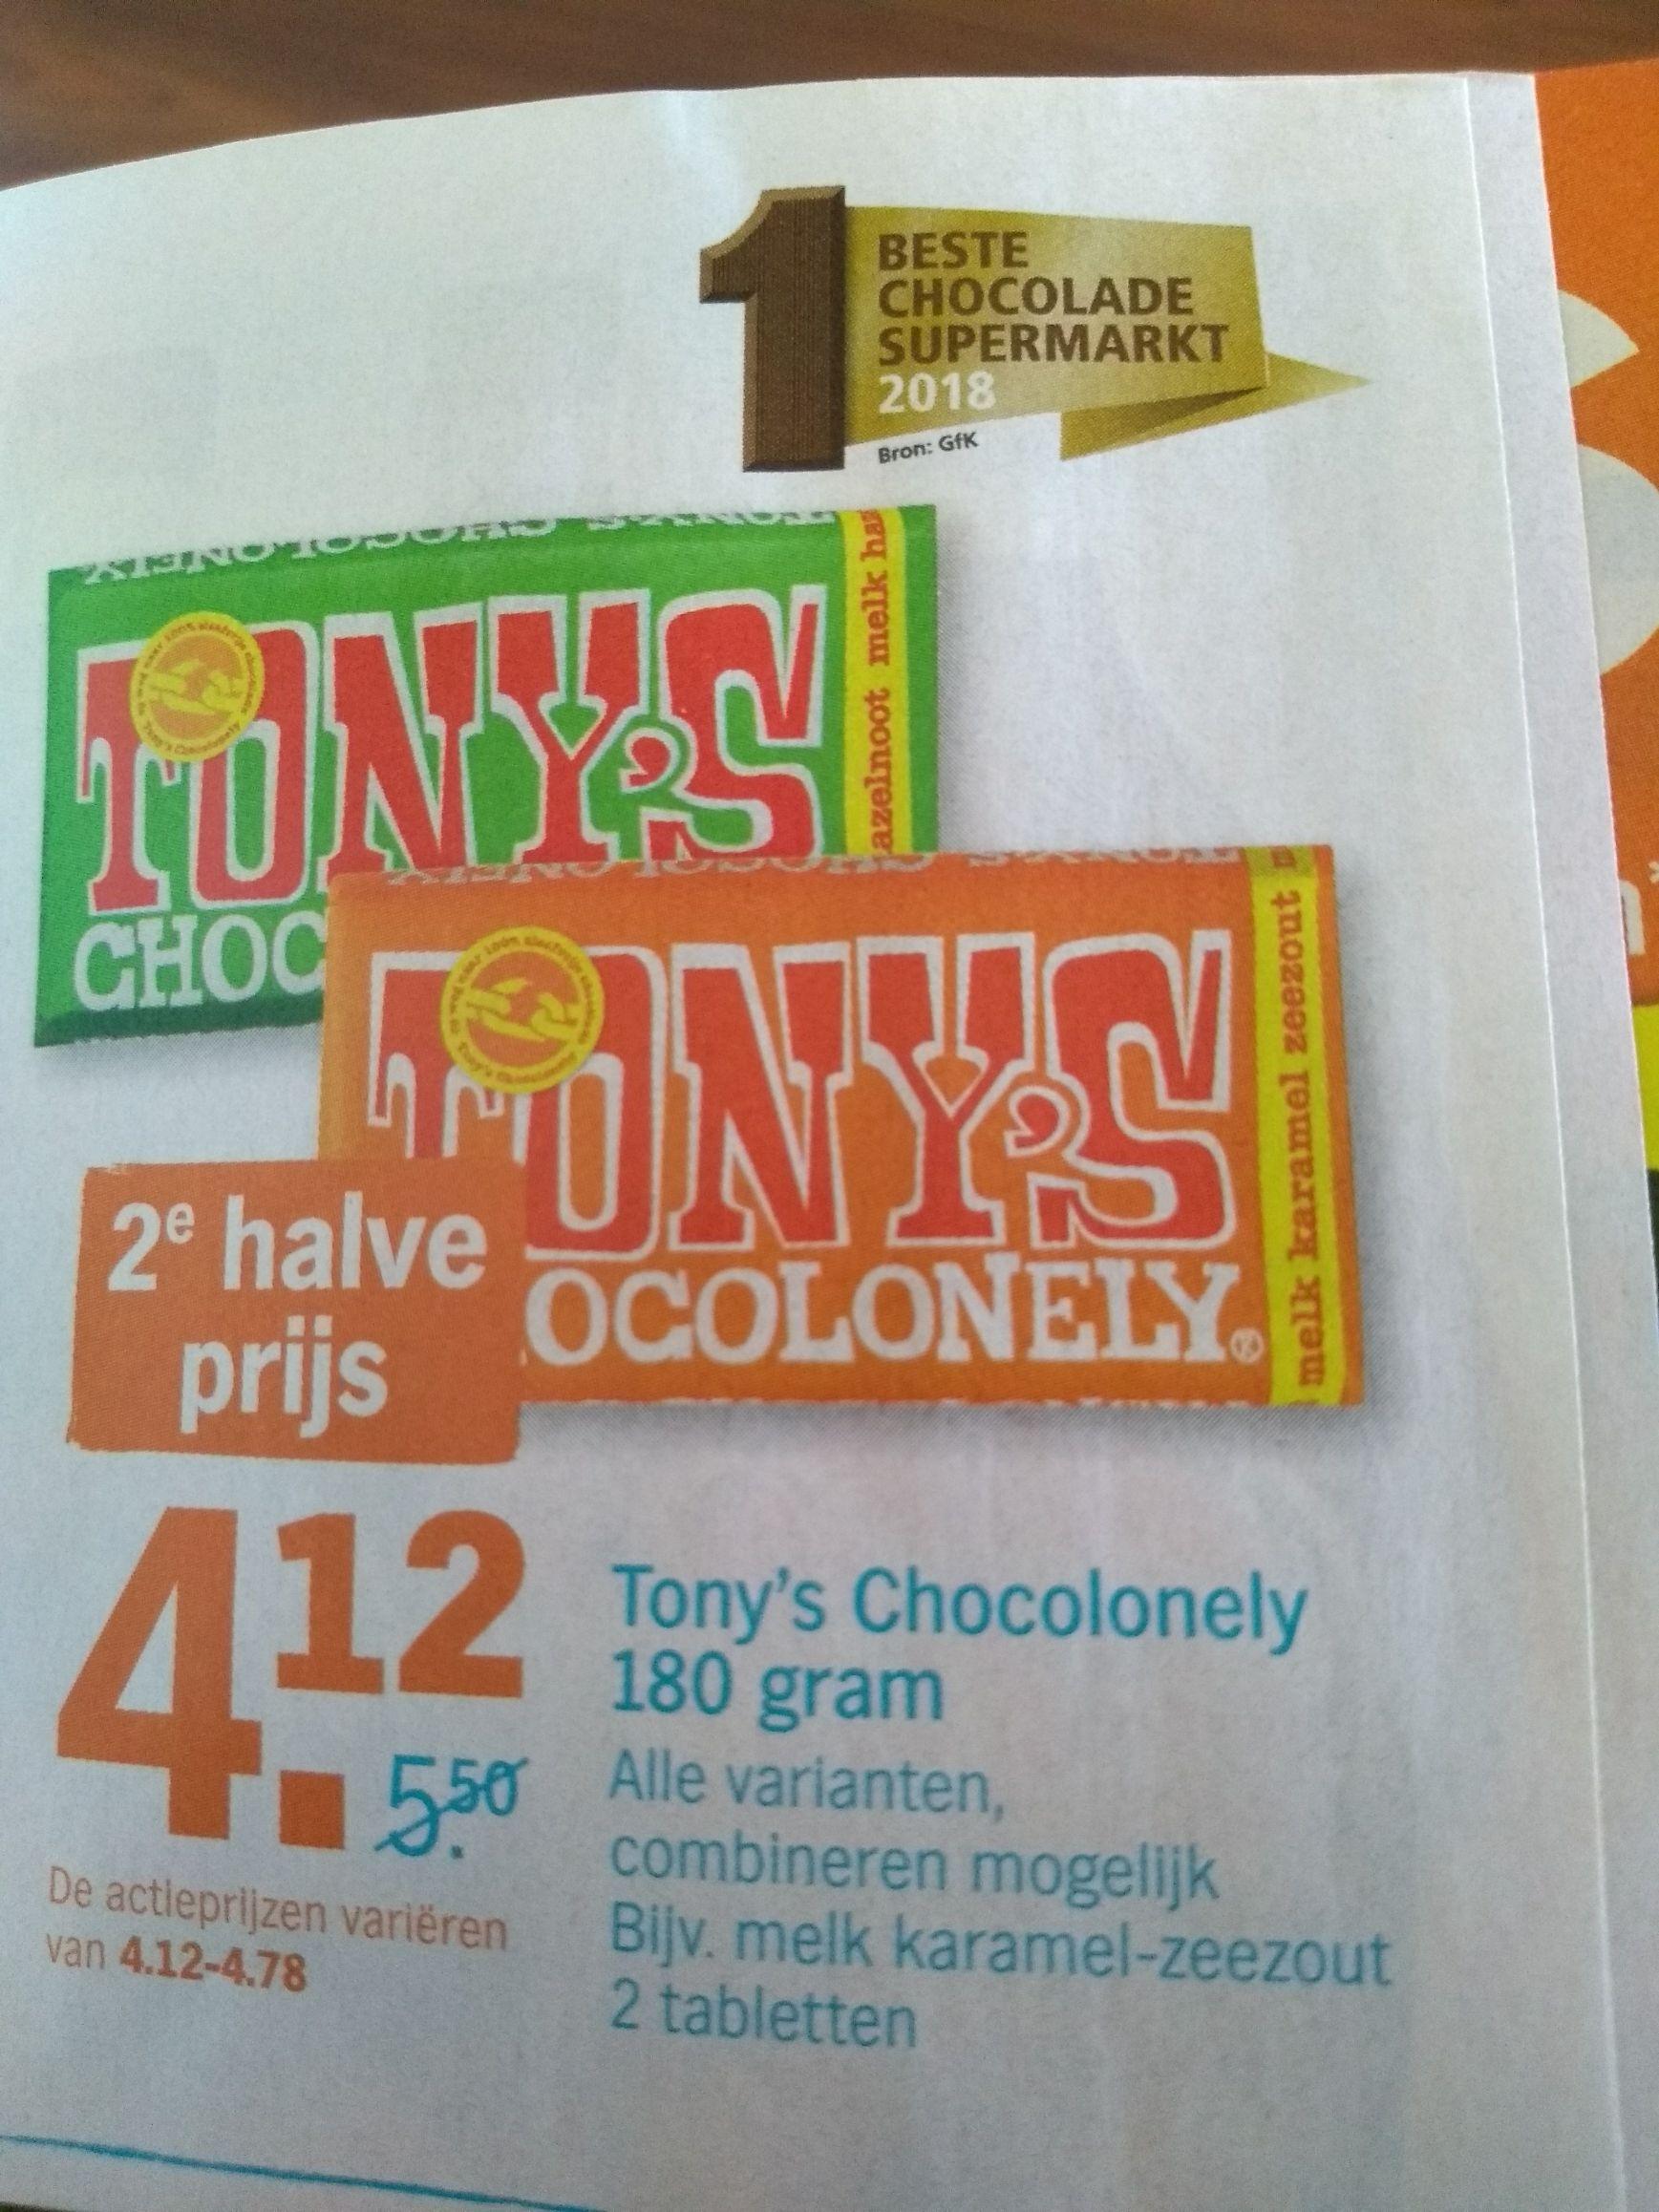 Tony's Chocolonely 2e halve prijs